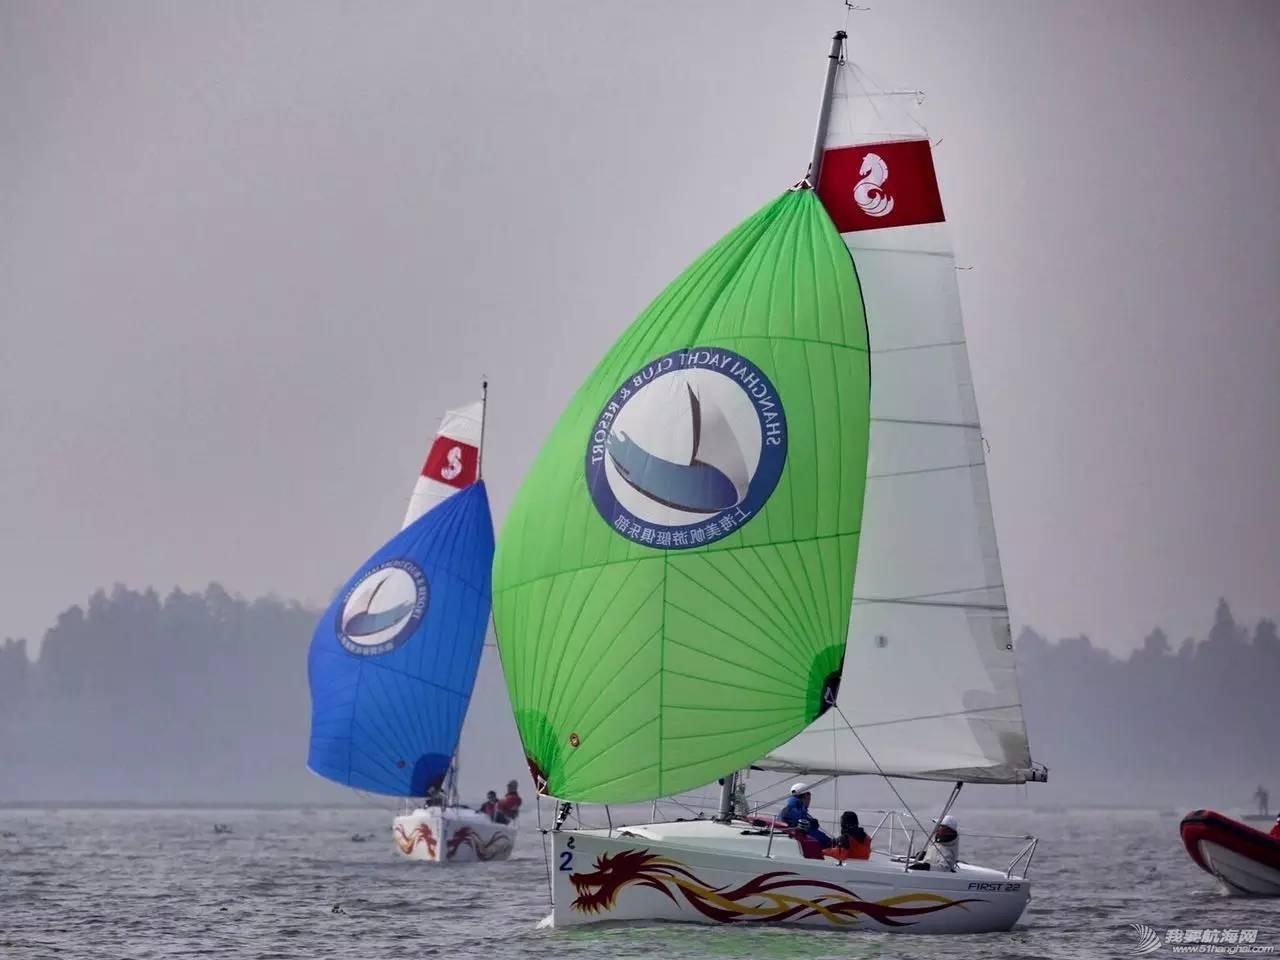 收藏丨2016年上海美帆帆船赛赛历全览 353af9daa9ffa530b4c70211b540e933.jpg